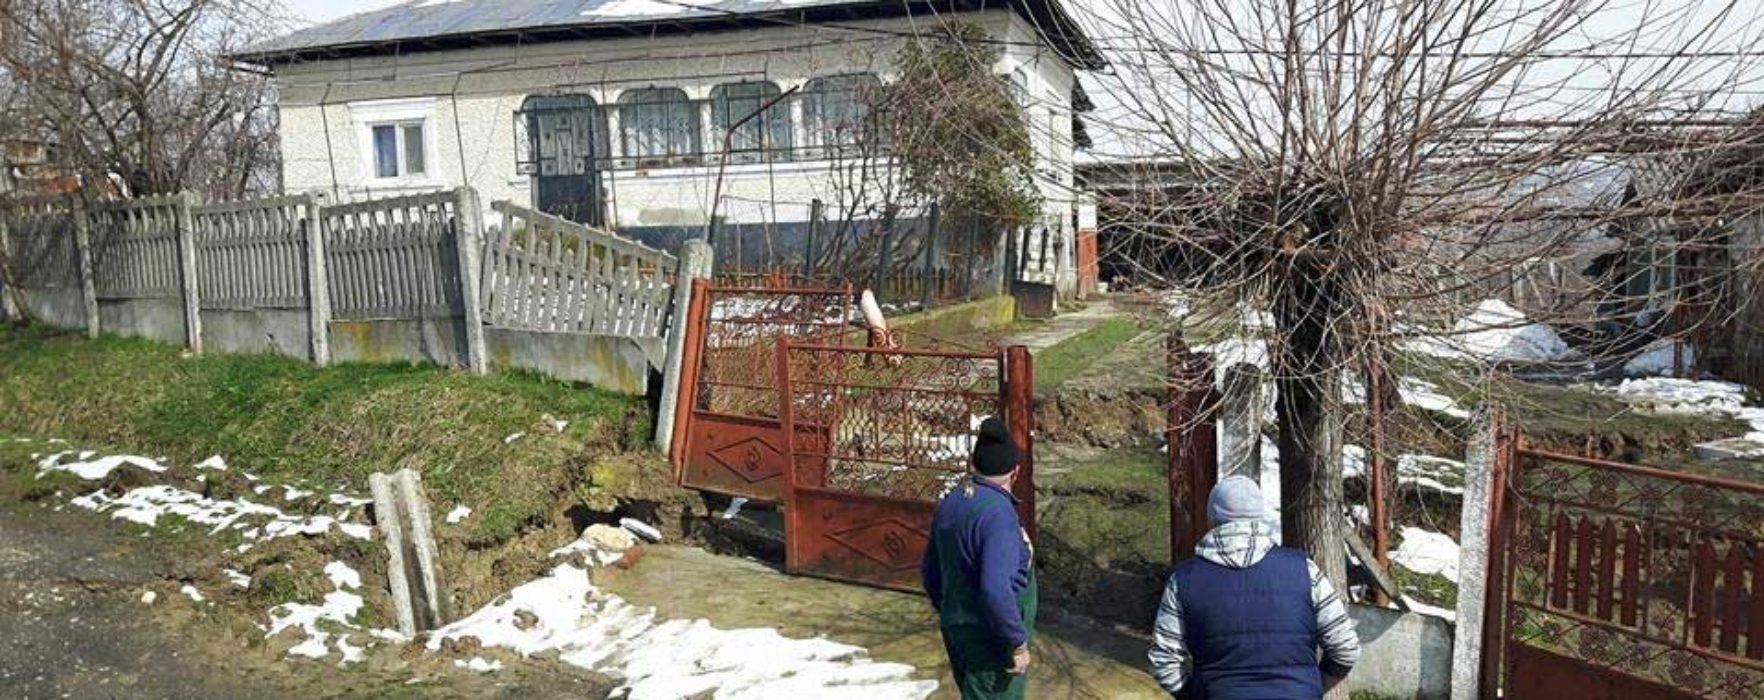 Dâmboviţa: Opt familii din Glodeni, evacuate din cauza alunecărilor de teren